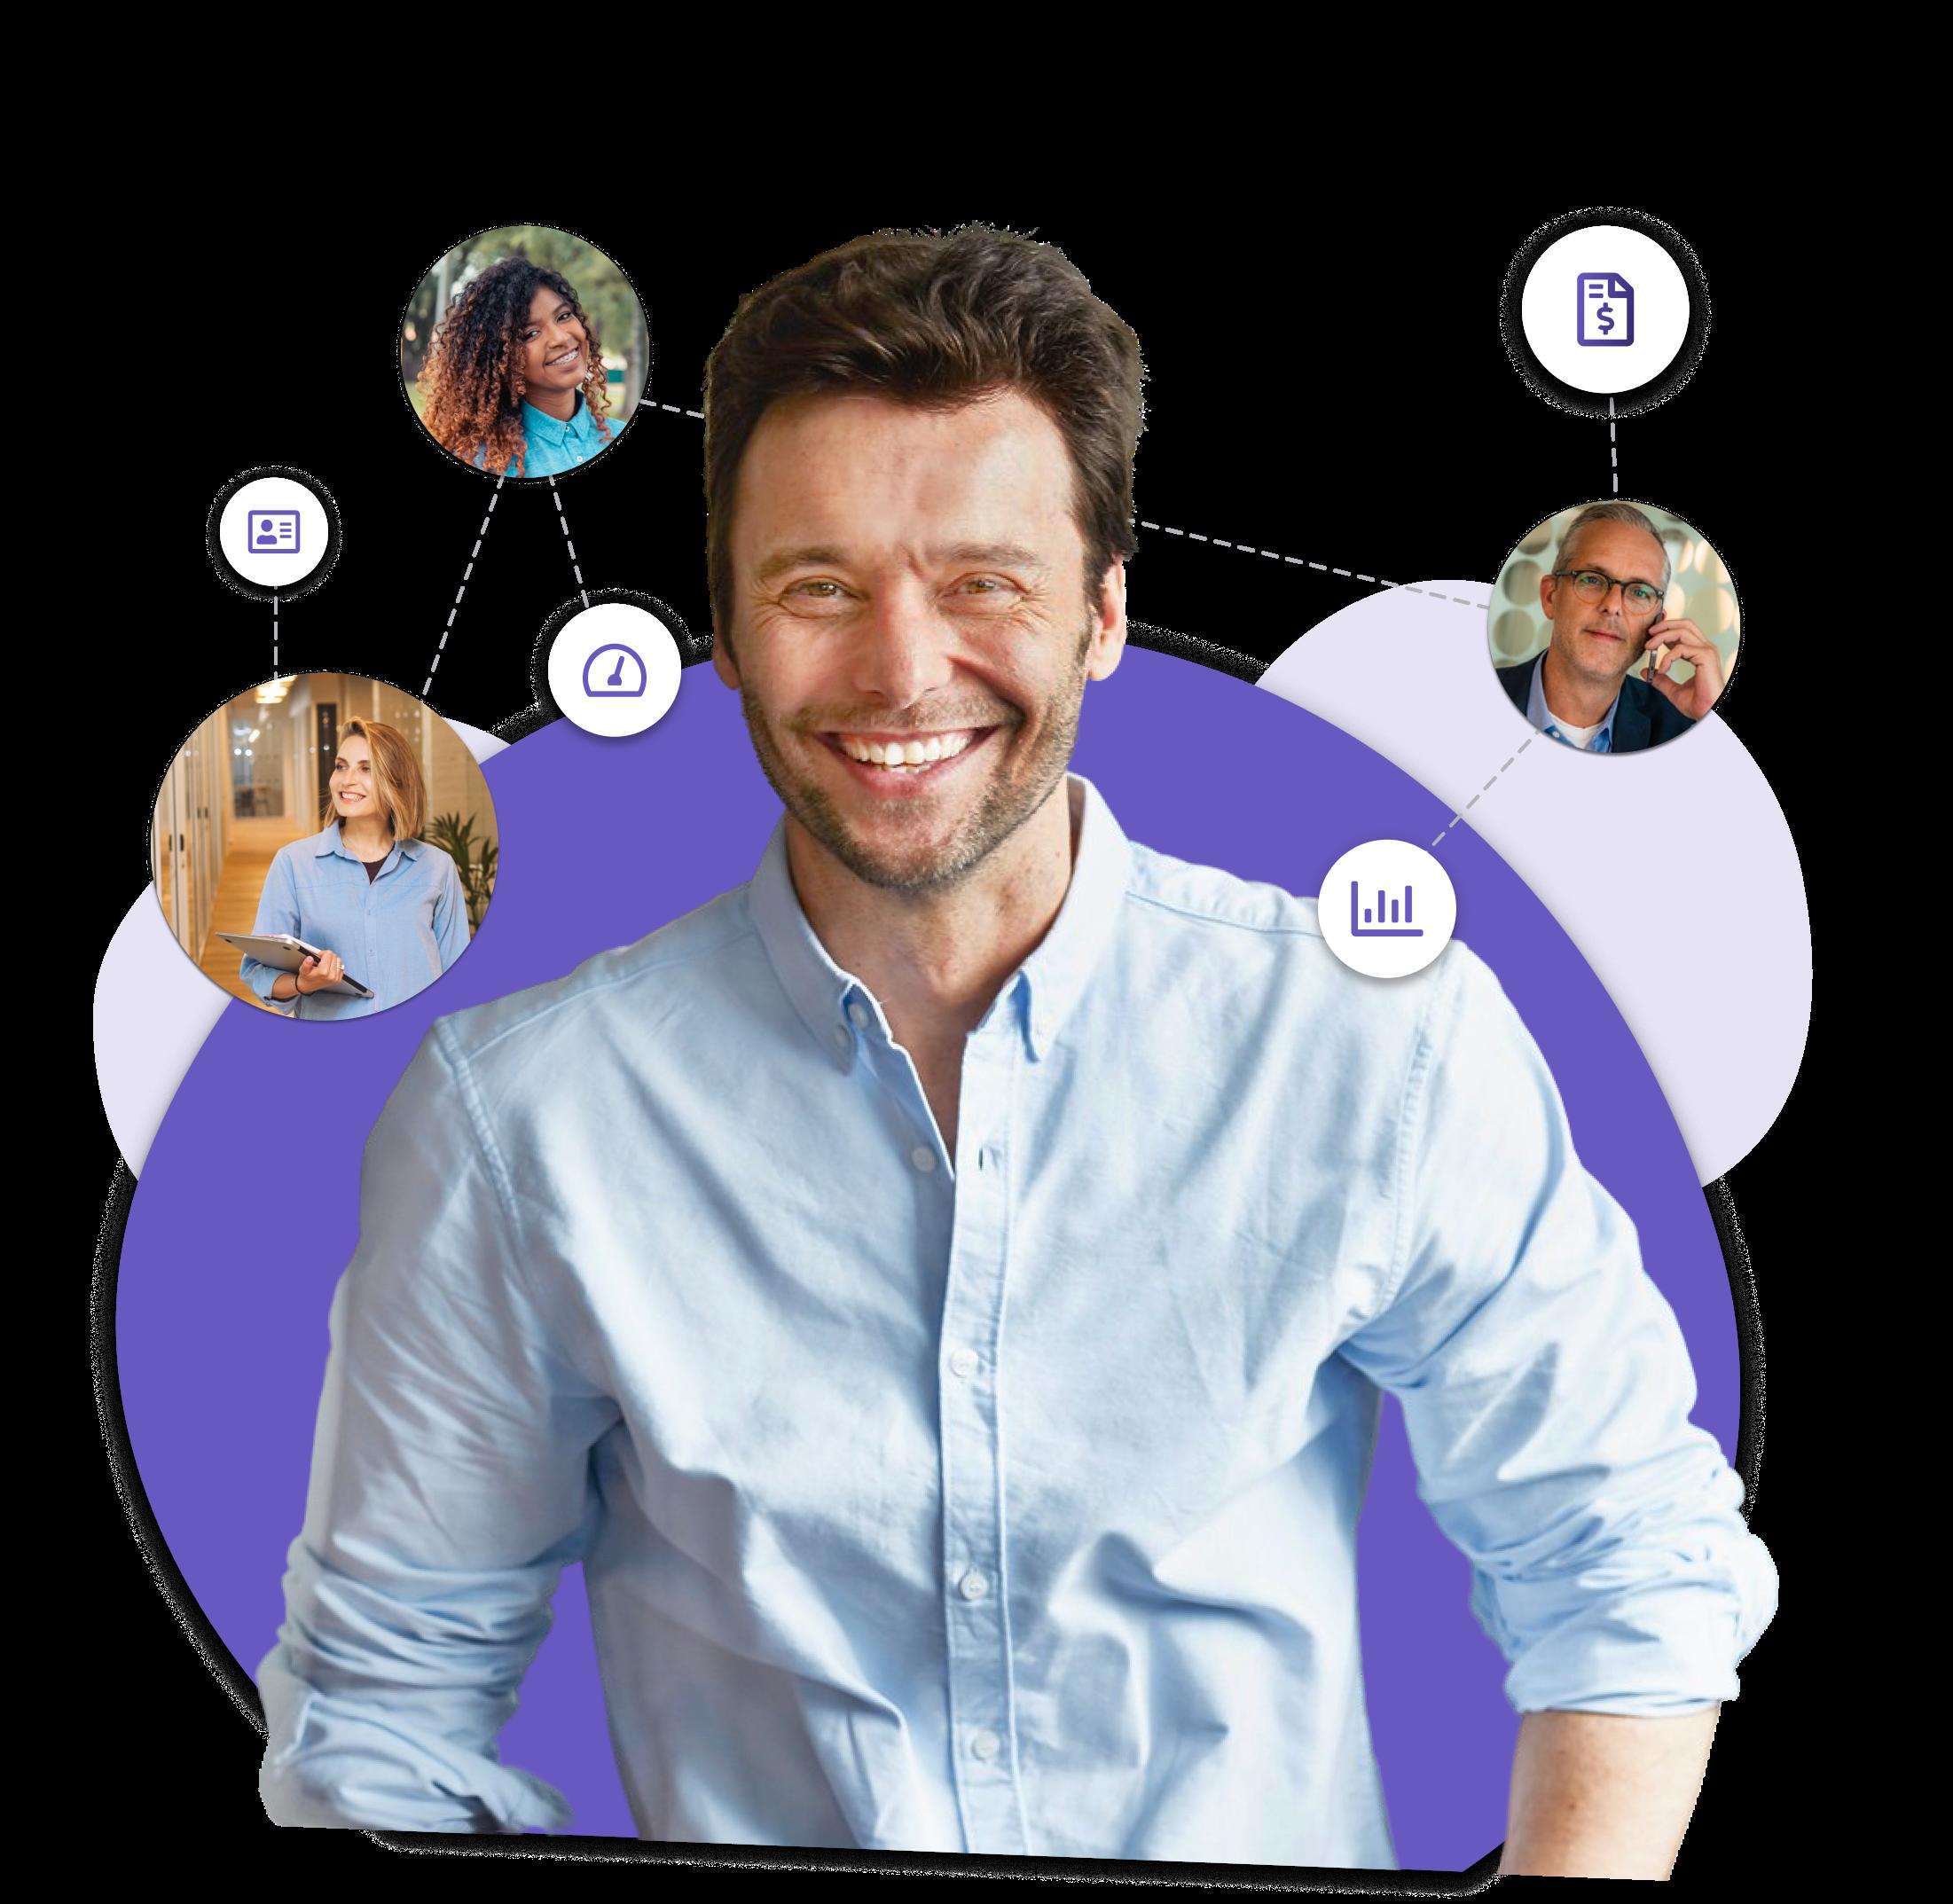 homem sorrindo cercado por pessoas e funcionalidades Ploomes